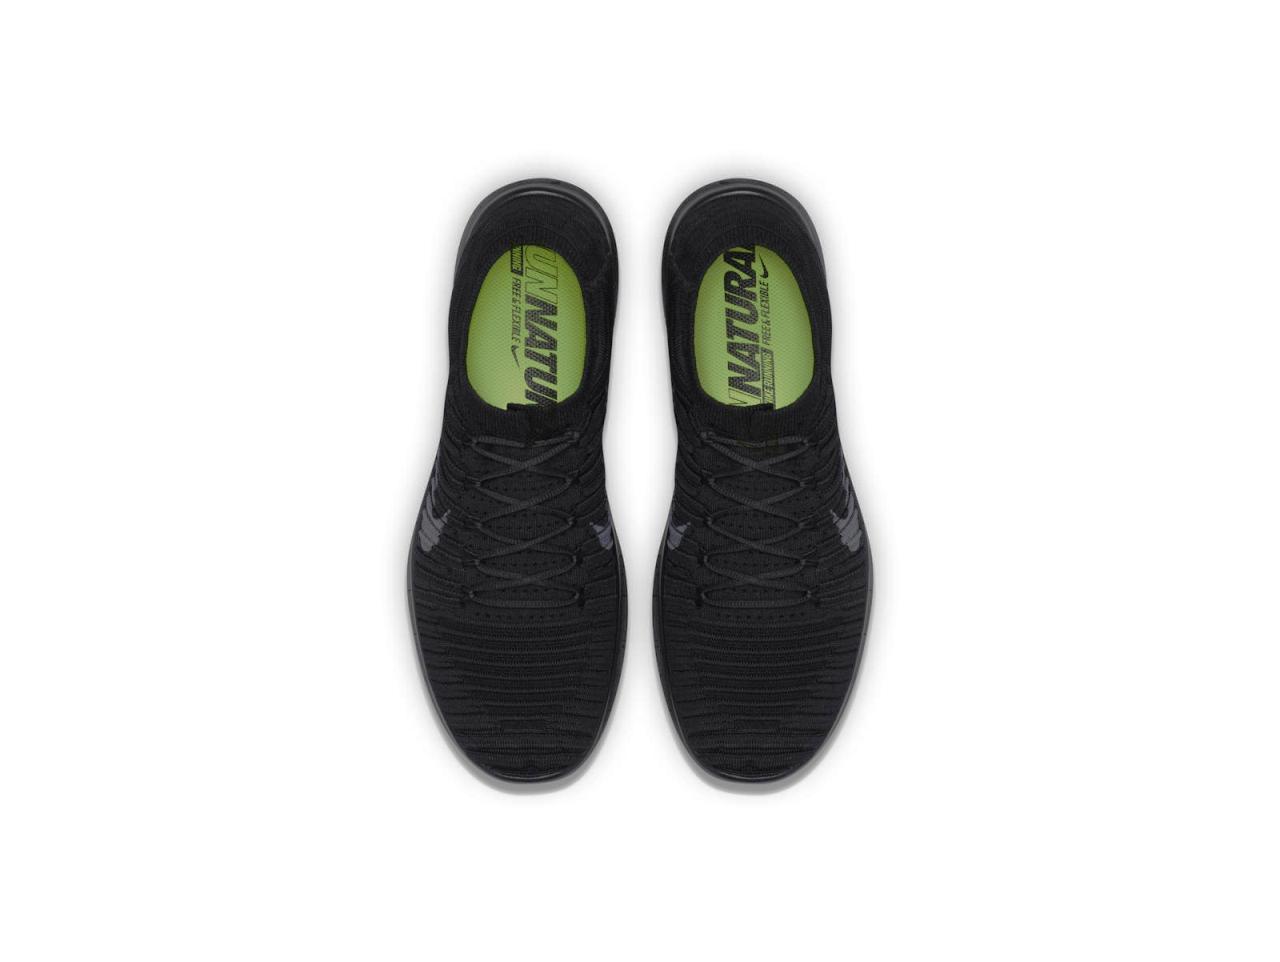 NikeLab Free Run shoe salone milan 2016 (3)